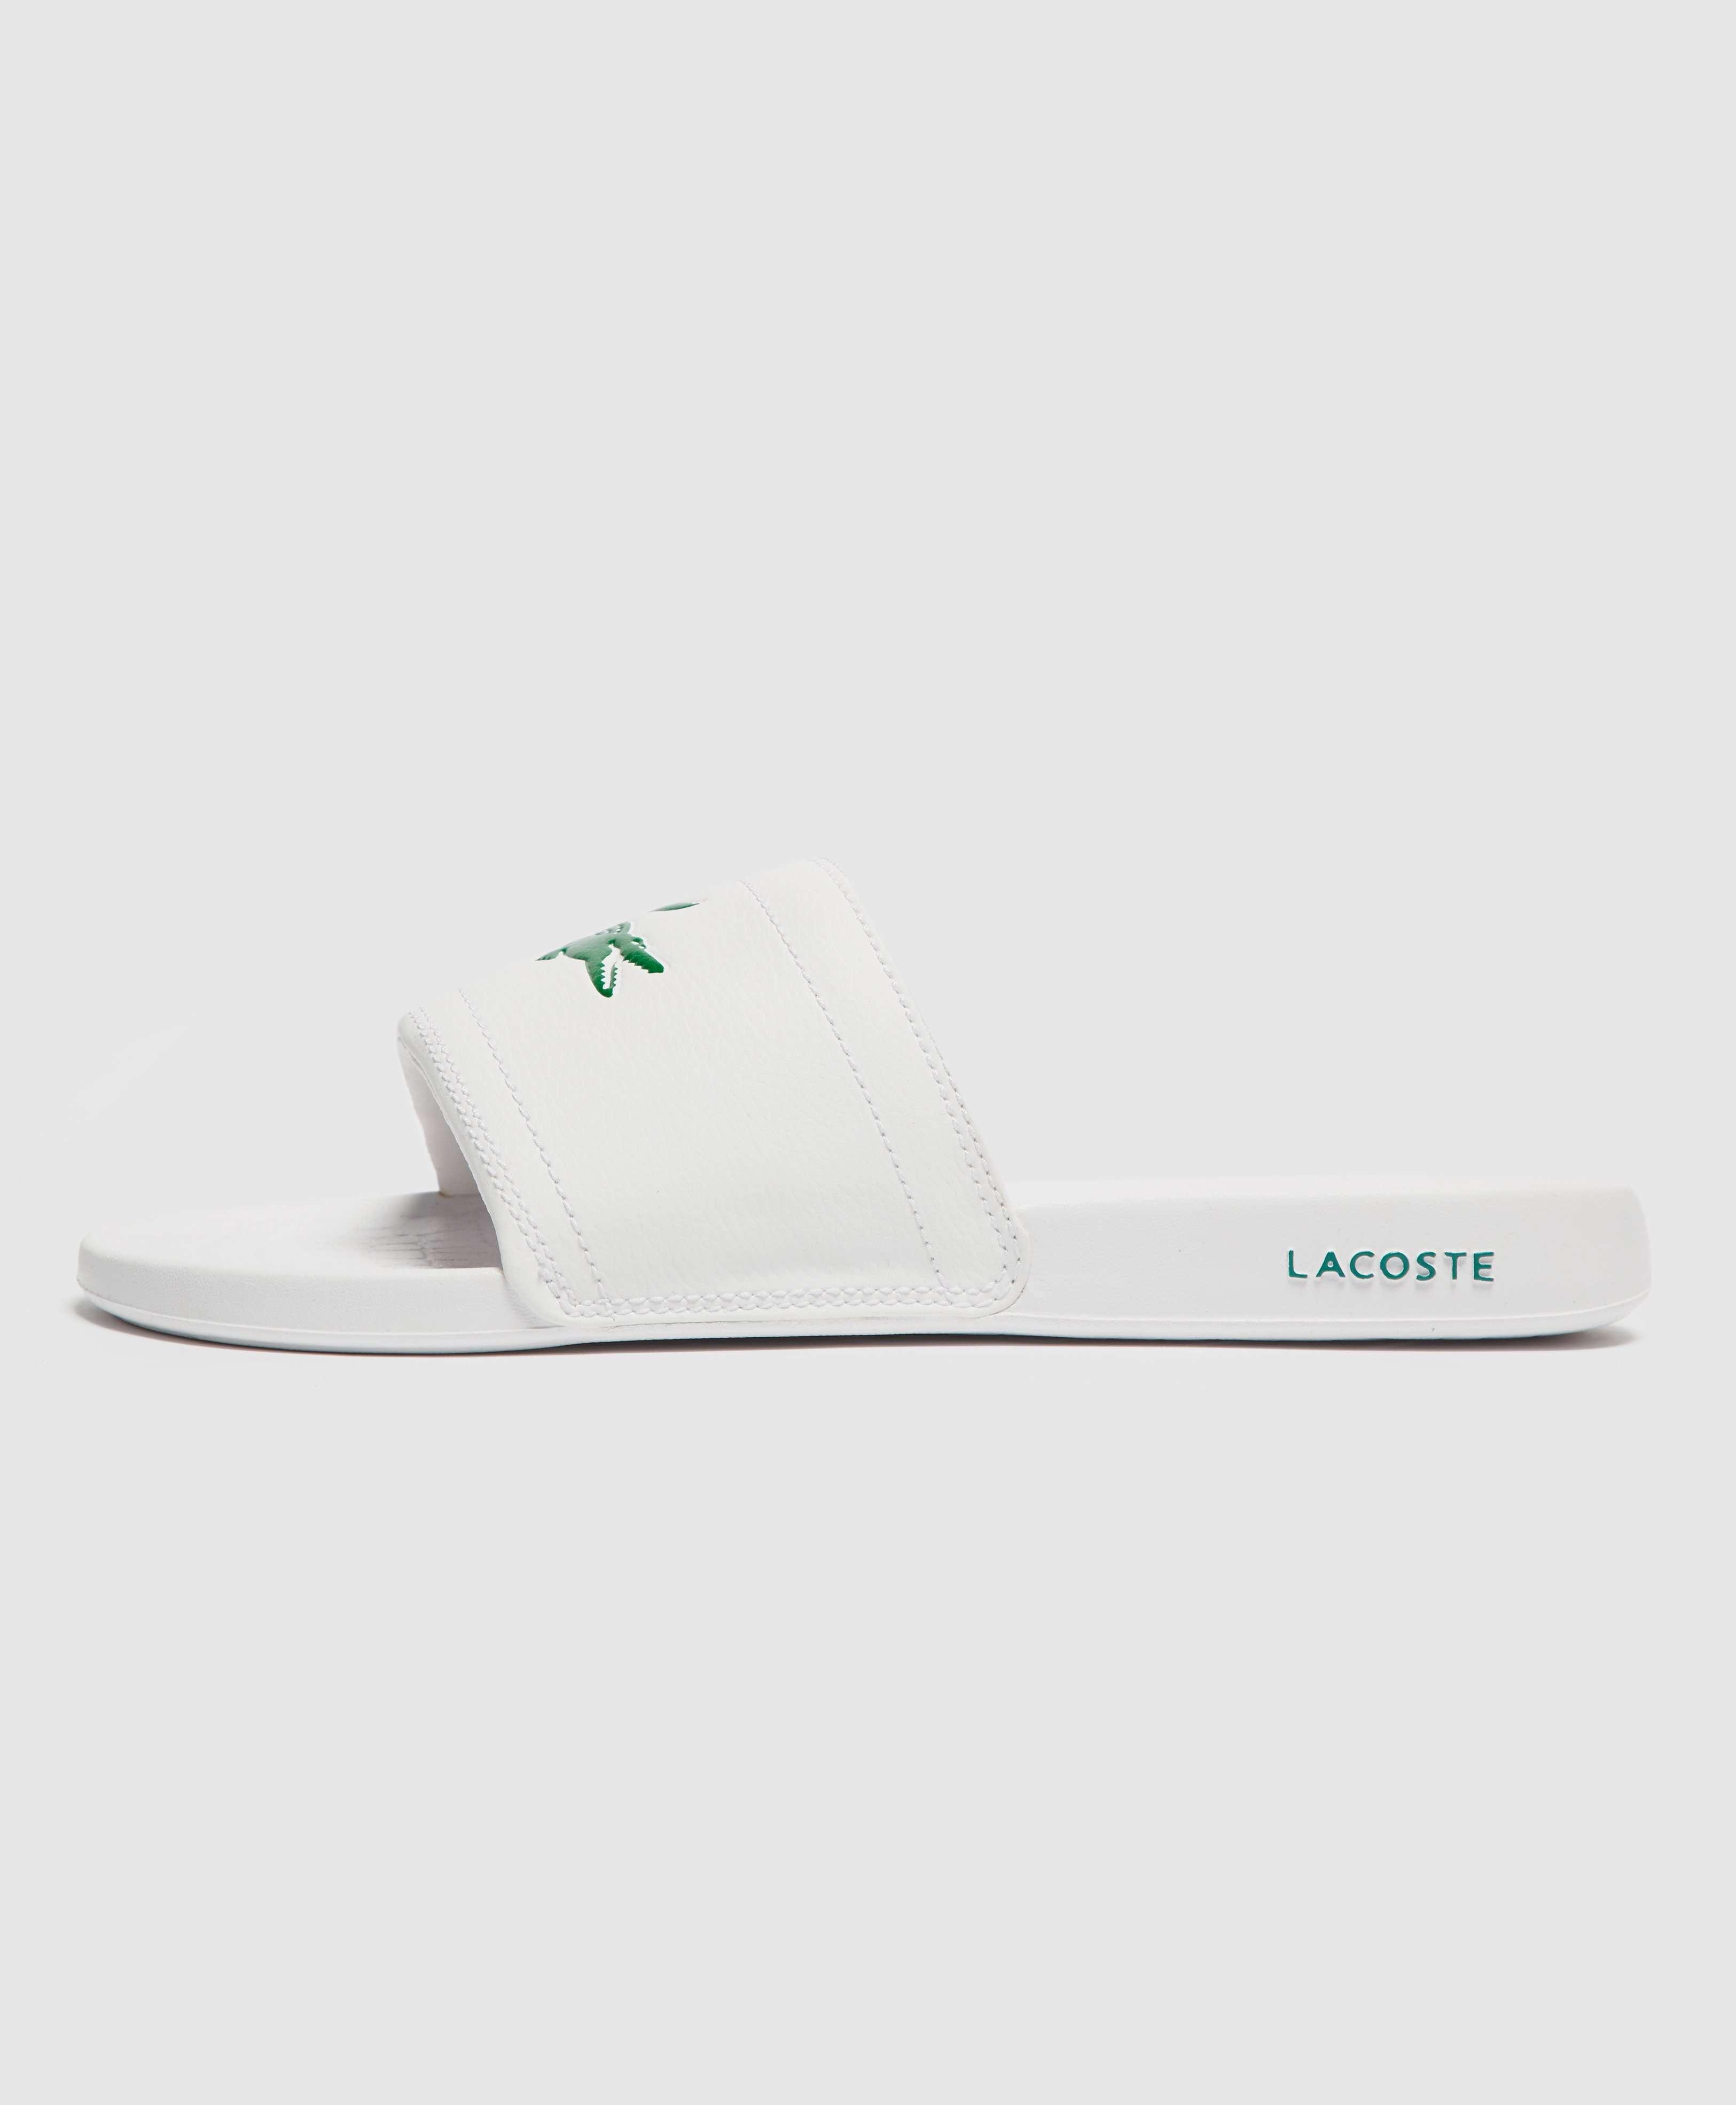 33579990690f3 Lacoste Frasier Slides